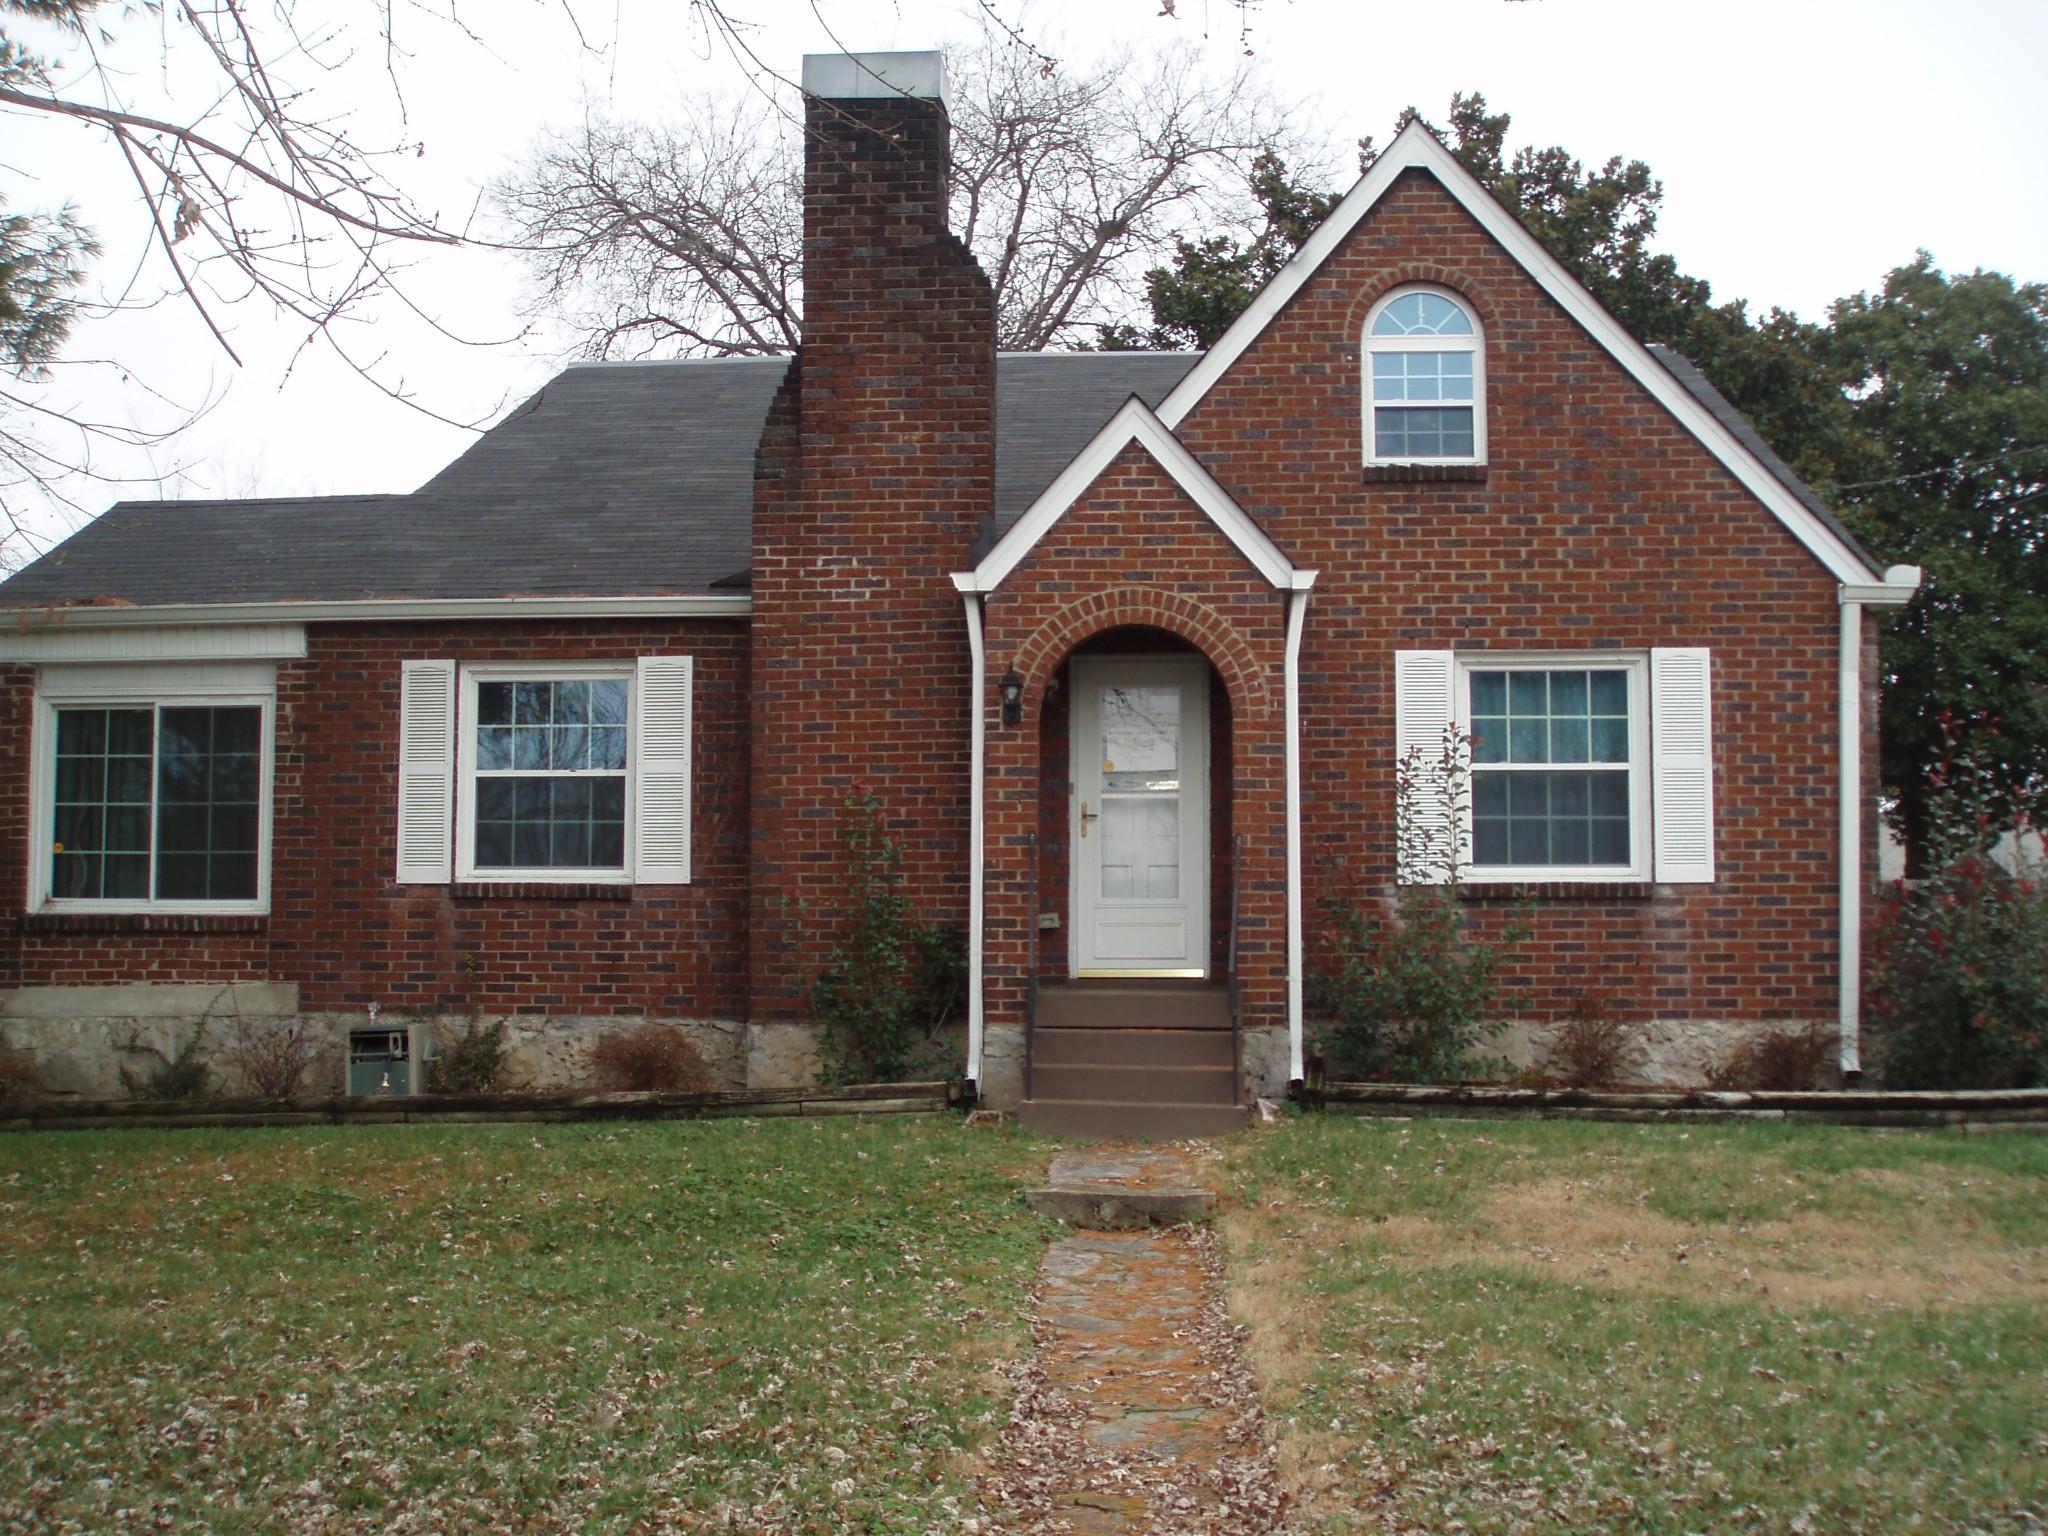 846 E Meade Ave, E Property Photo - Madison, TN real estate listing